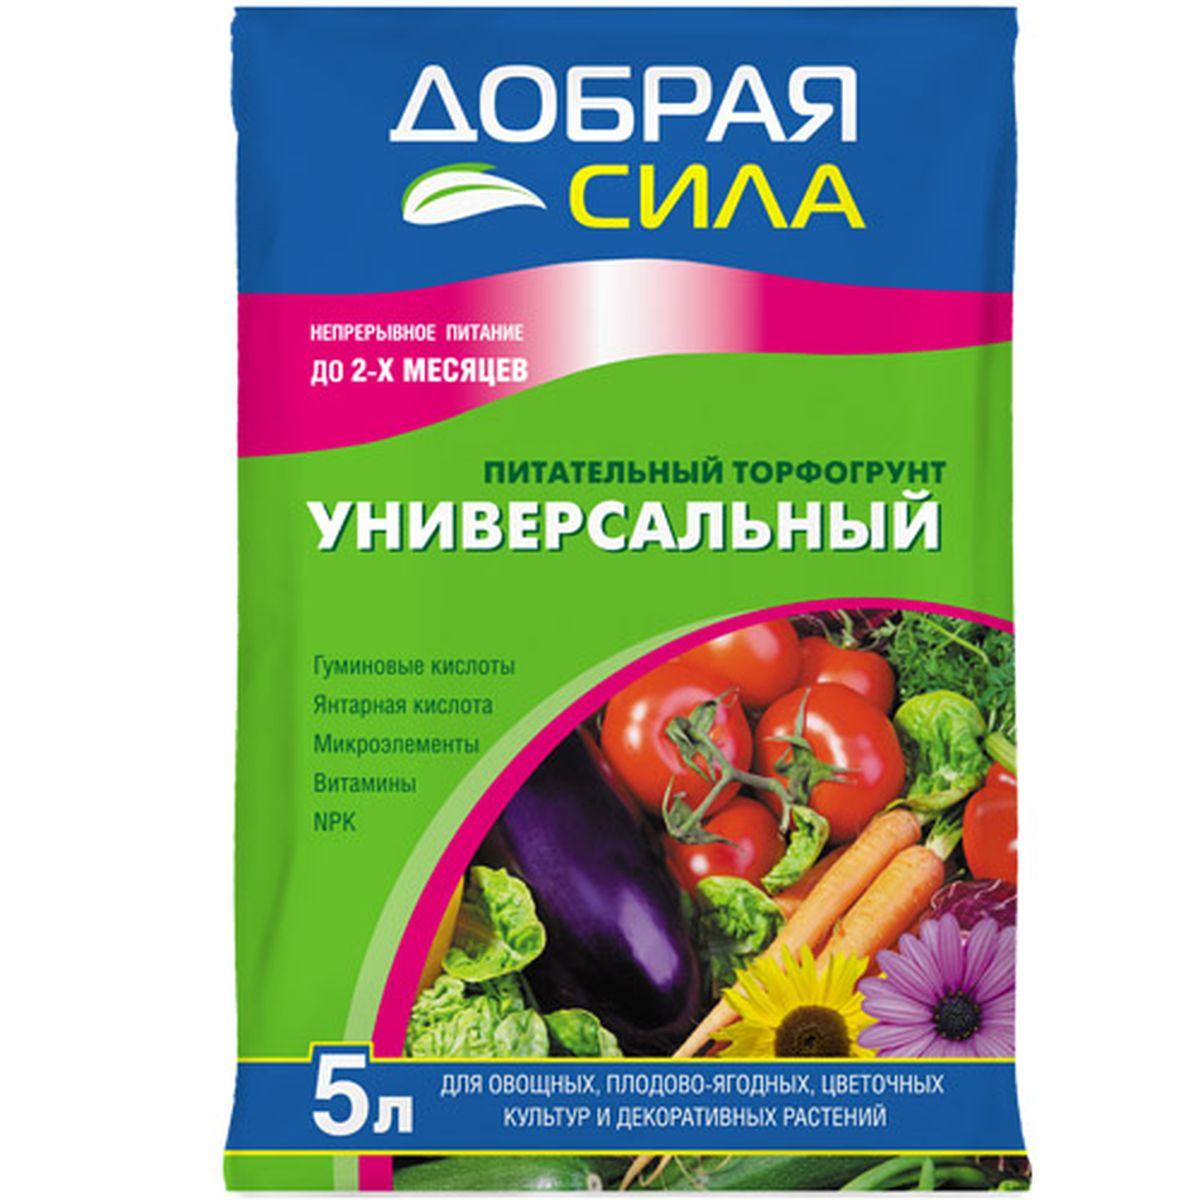 Универсальный почвенный грунт Добрая Сила, на основе торфа, 5 лDS-29-01-007-1Предназначен для выращивания овощных, плодово-ягодных и декоративных культур, а так же рассады, подходит для посадки и пересадки всех комнатных растений.